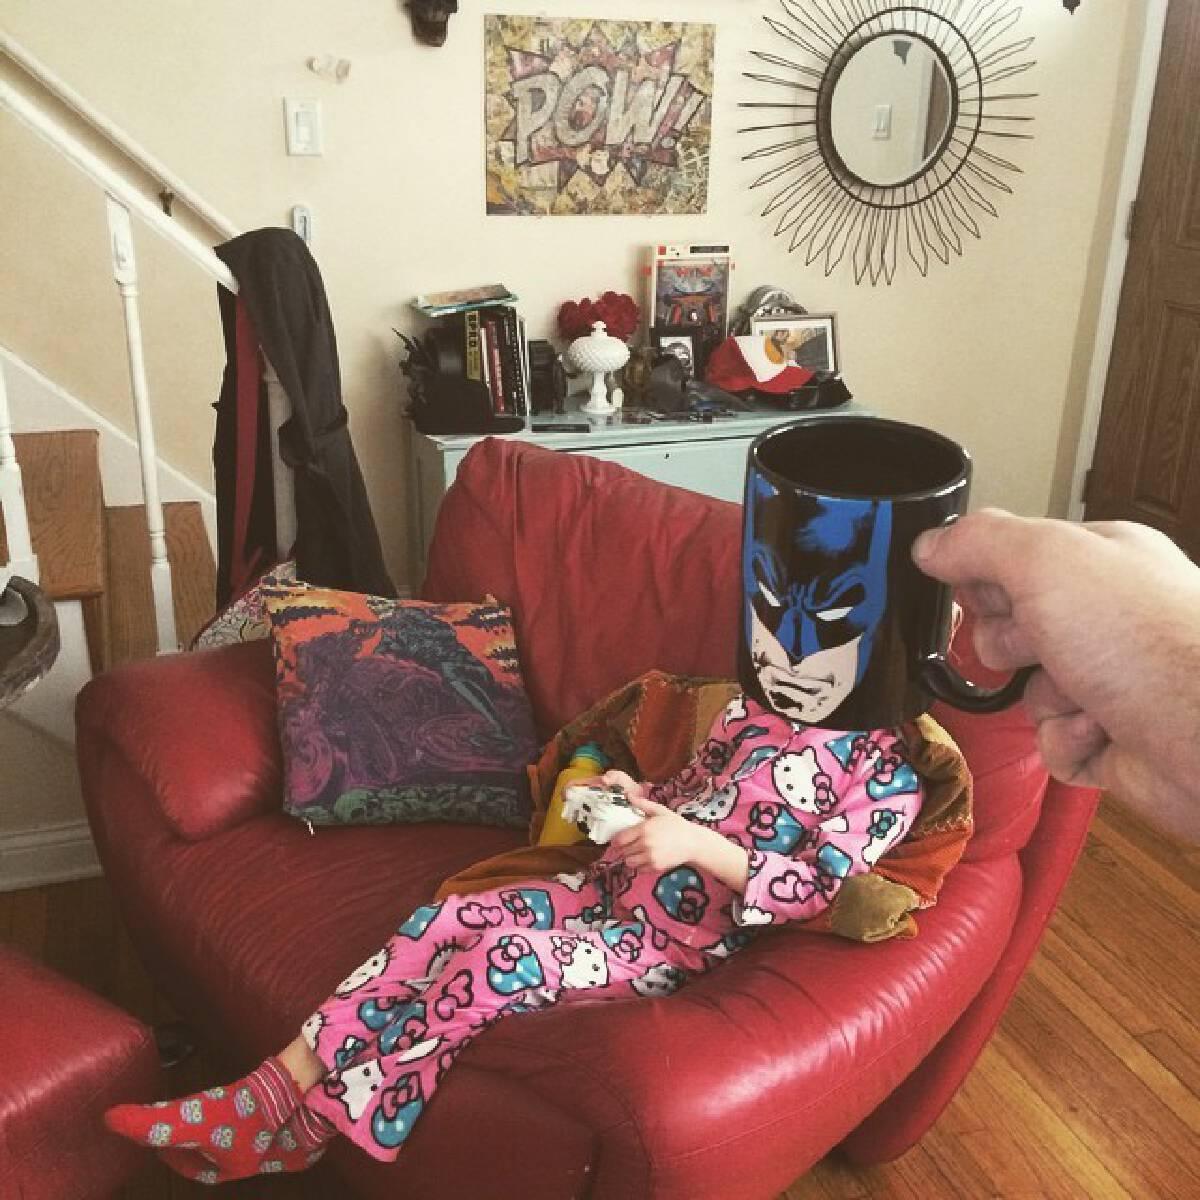 คุณพ่อสุดครีเอท ! แปลงร่างลูกสุดที่รักให้กลายเป็นซุปเปอร์ฮีโร่ด้วยแก้วกาแฟ